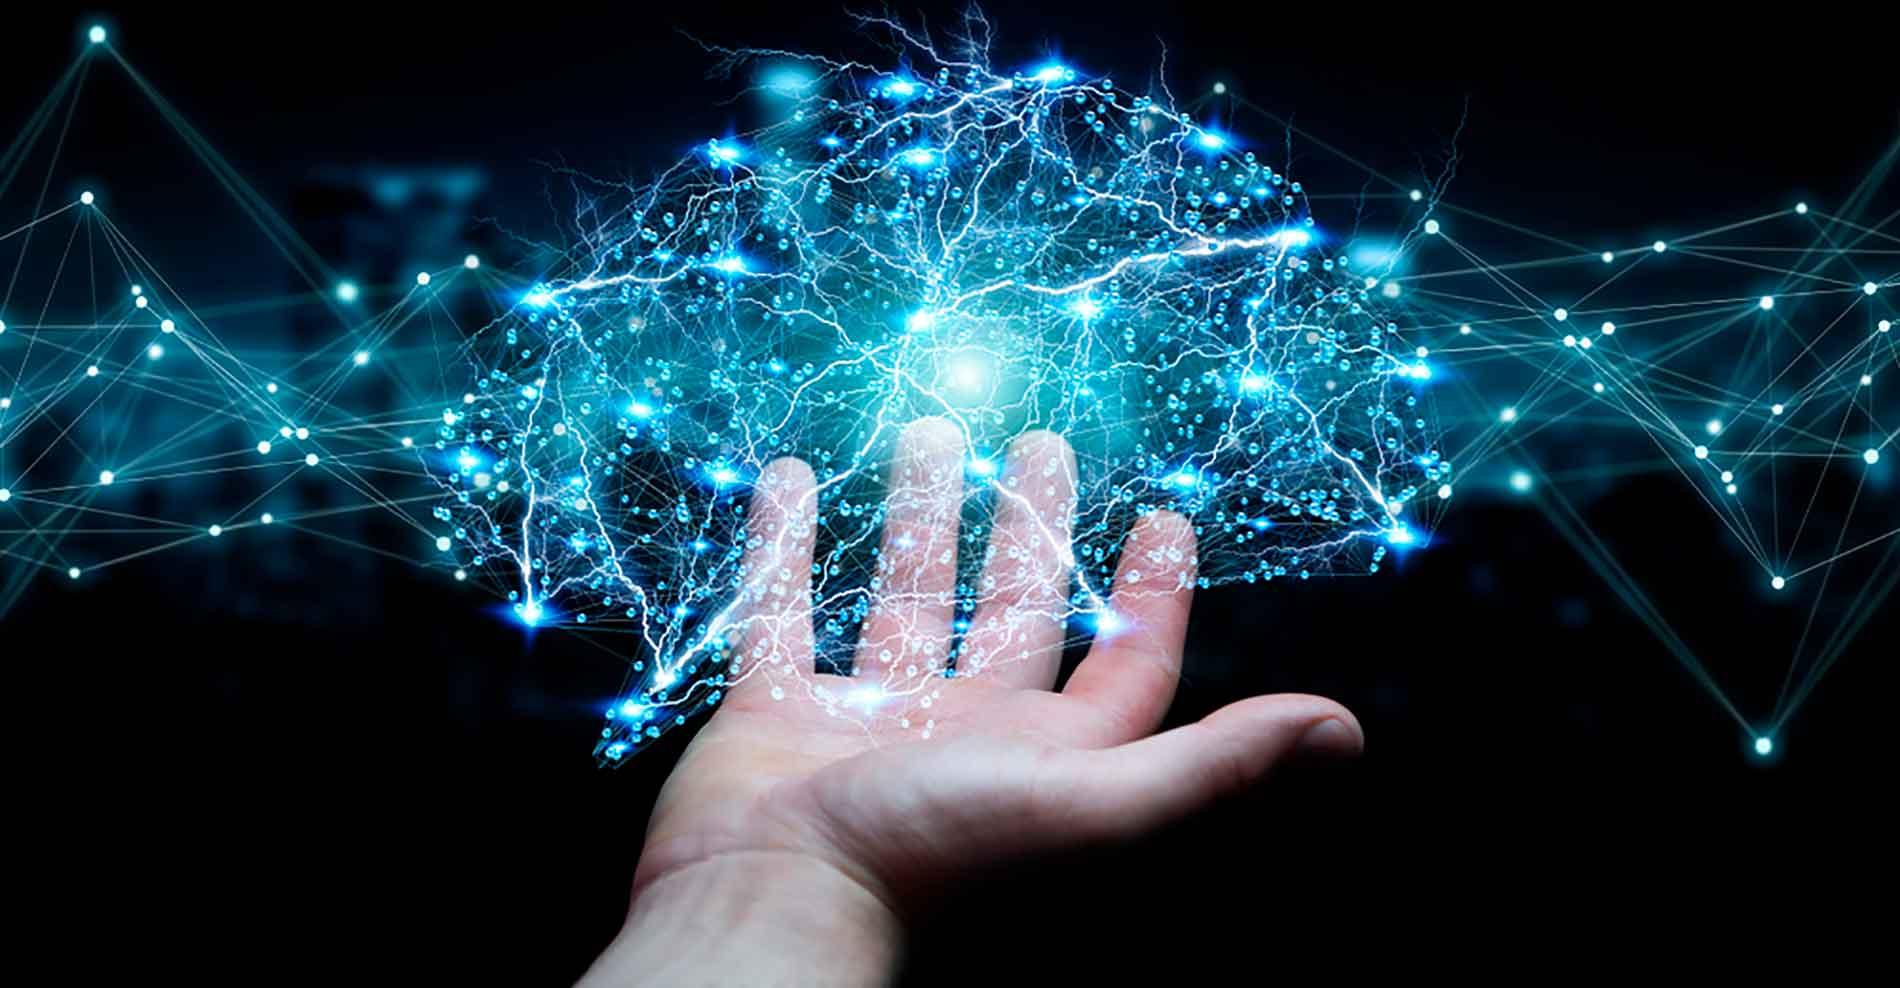 dynamical-neurofeedback-pour-aller-plus-loin-et-en-savoir-plus-annie-frandeboeuf-partage-avec-vous